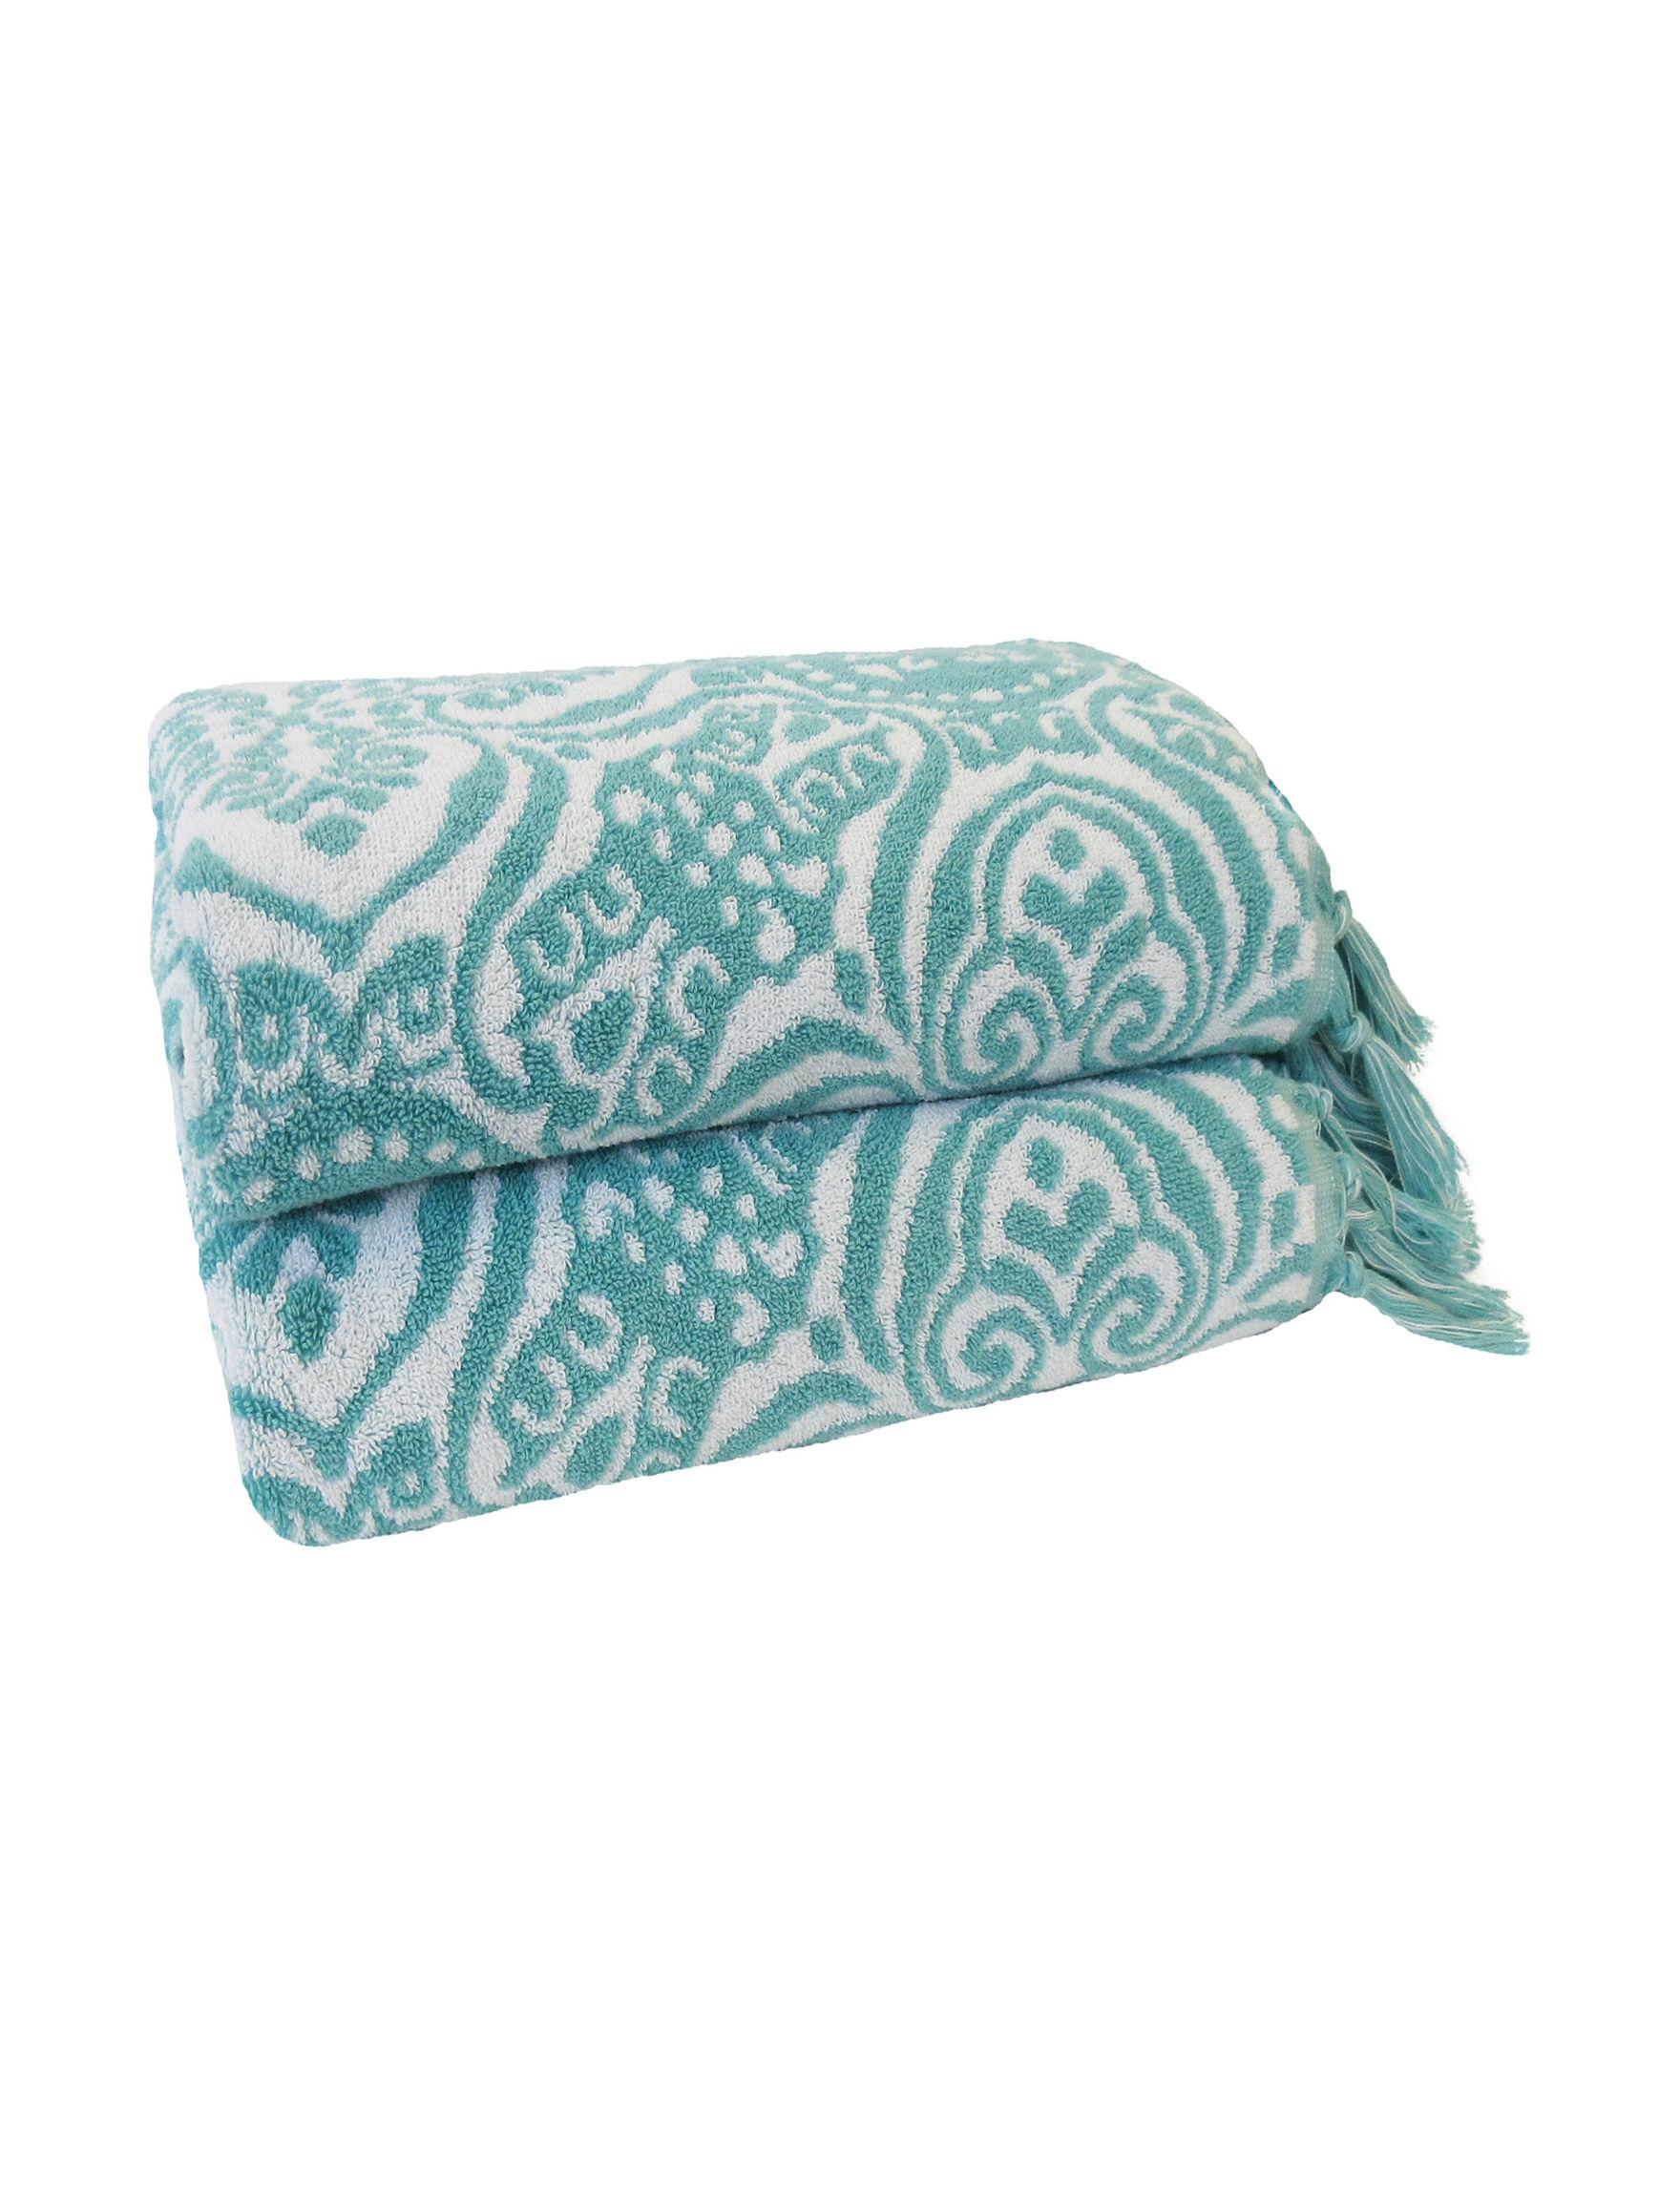 Jessica Simpson Aqua Bath Towels Towels